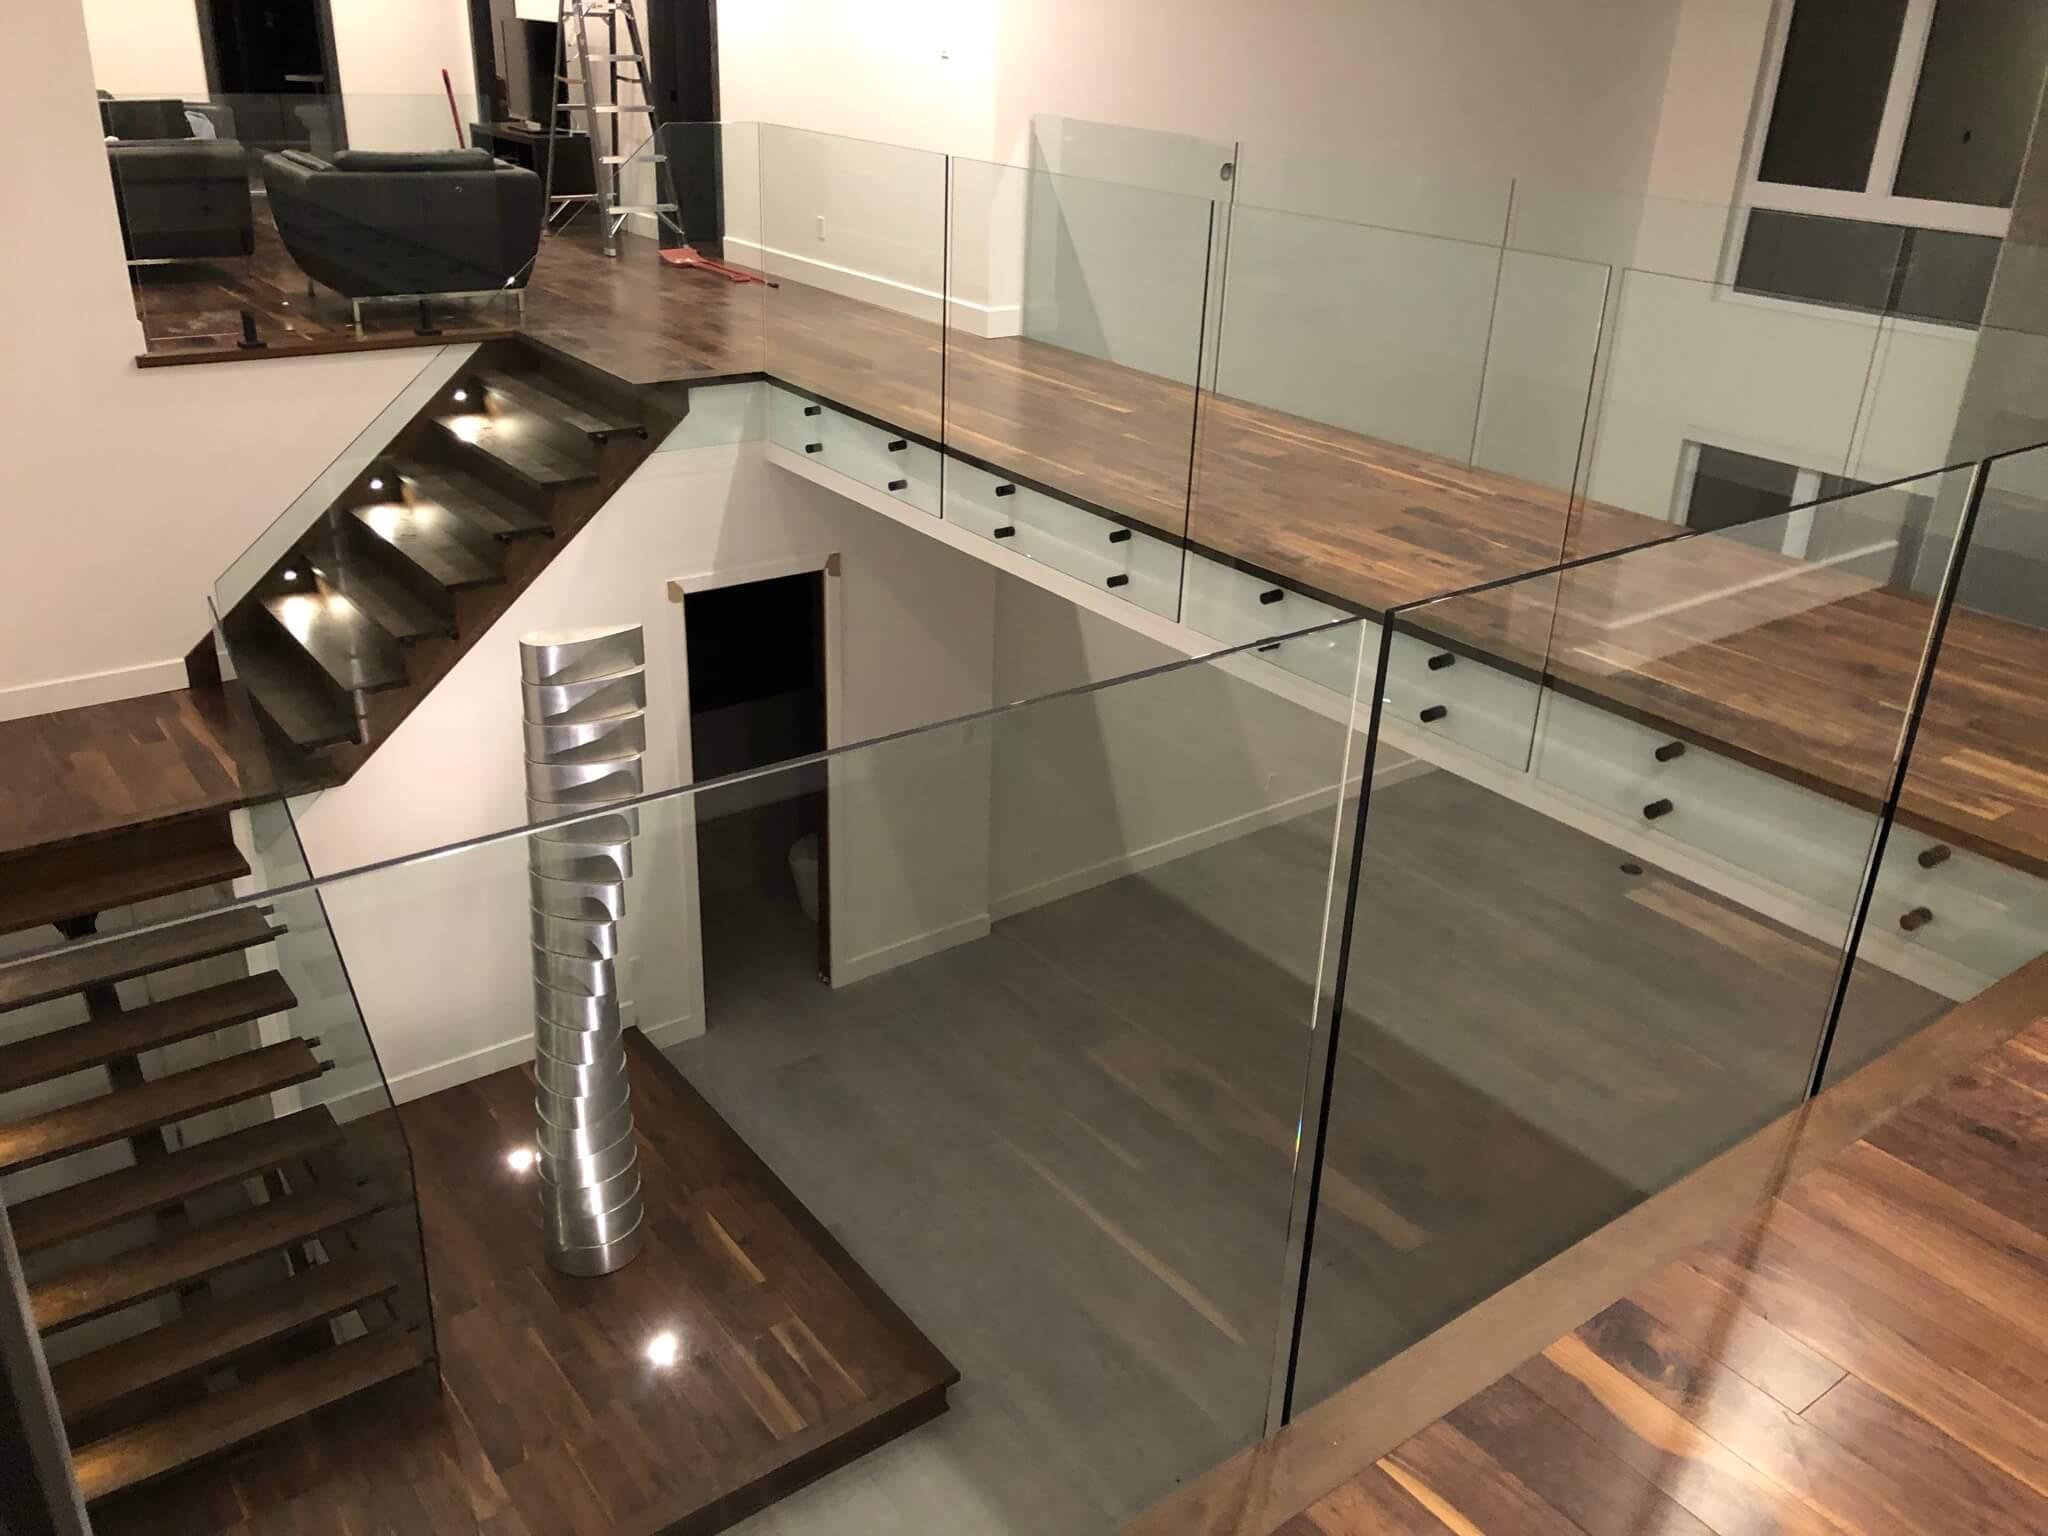 Escalier rampe en verre - Lorraine - 06